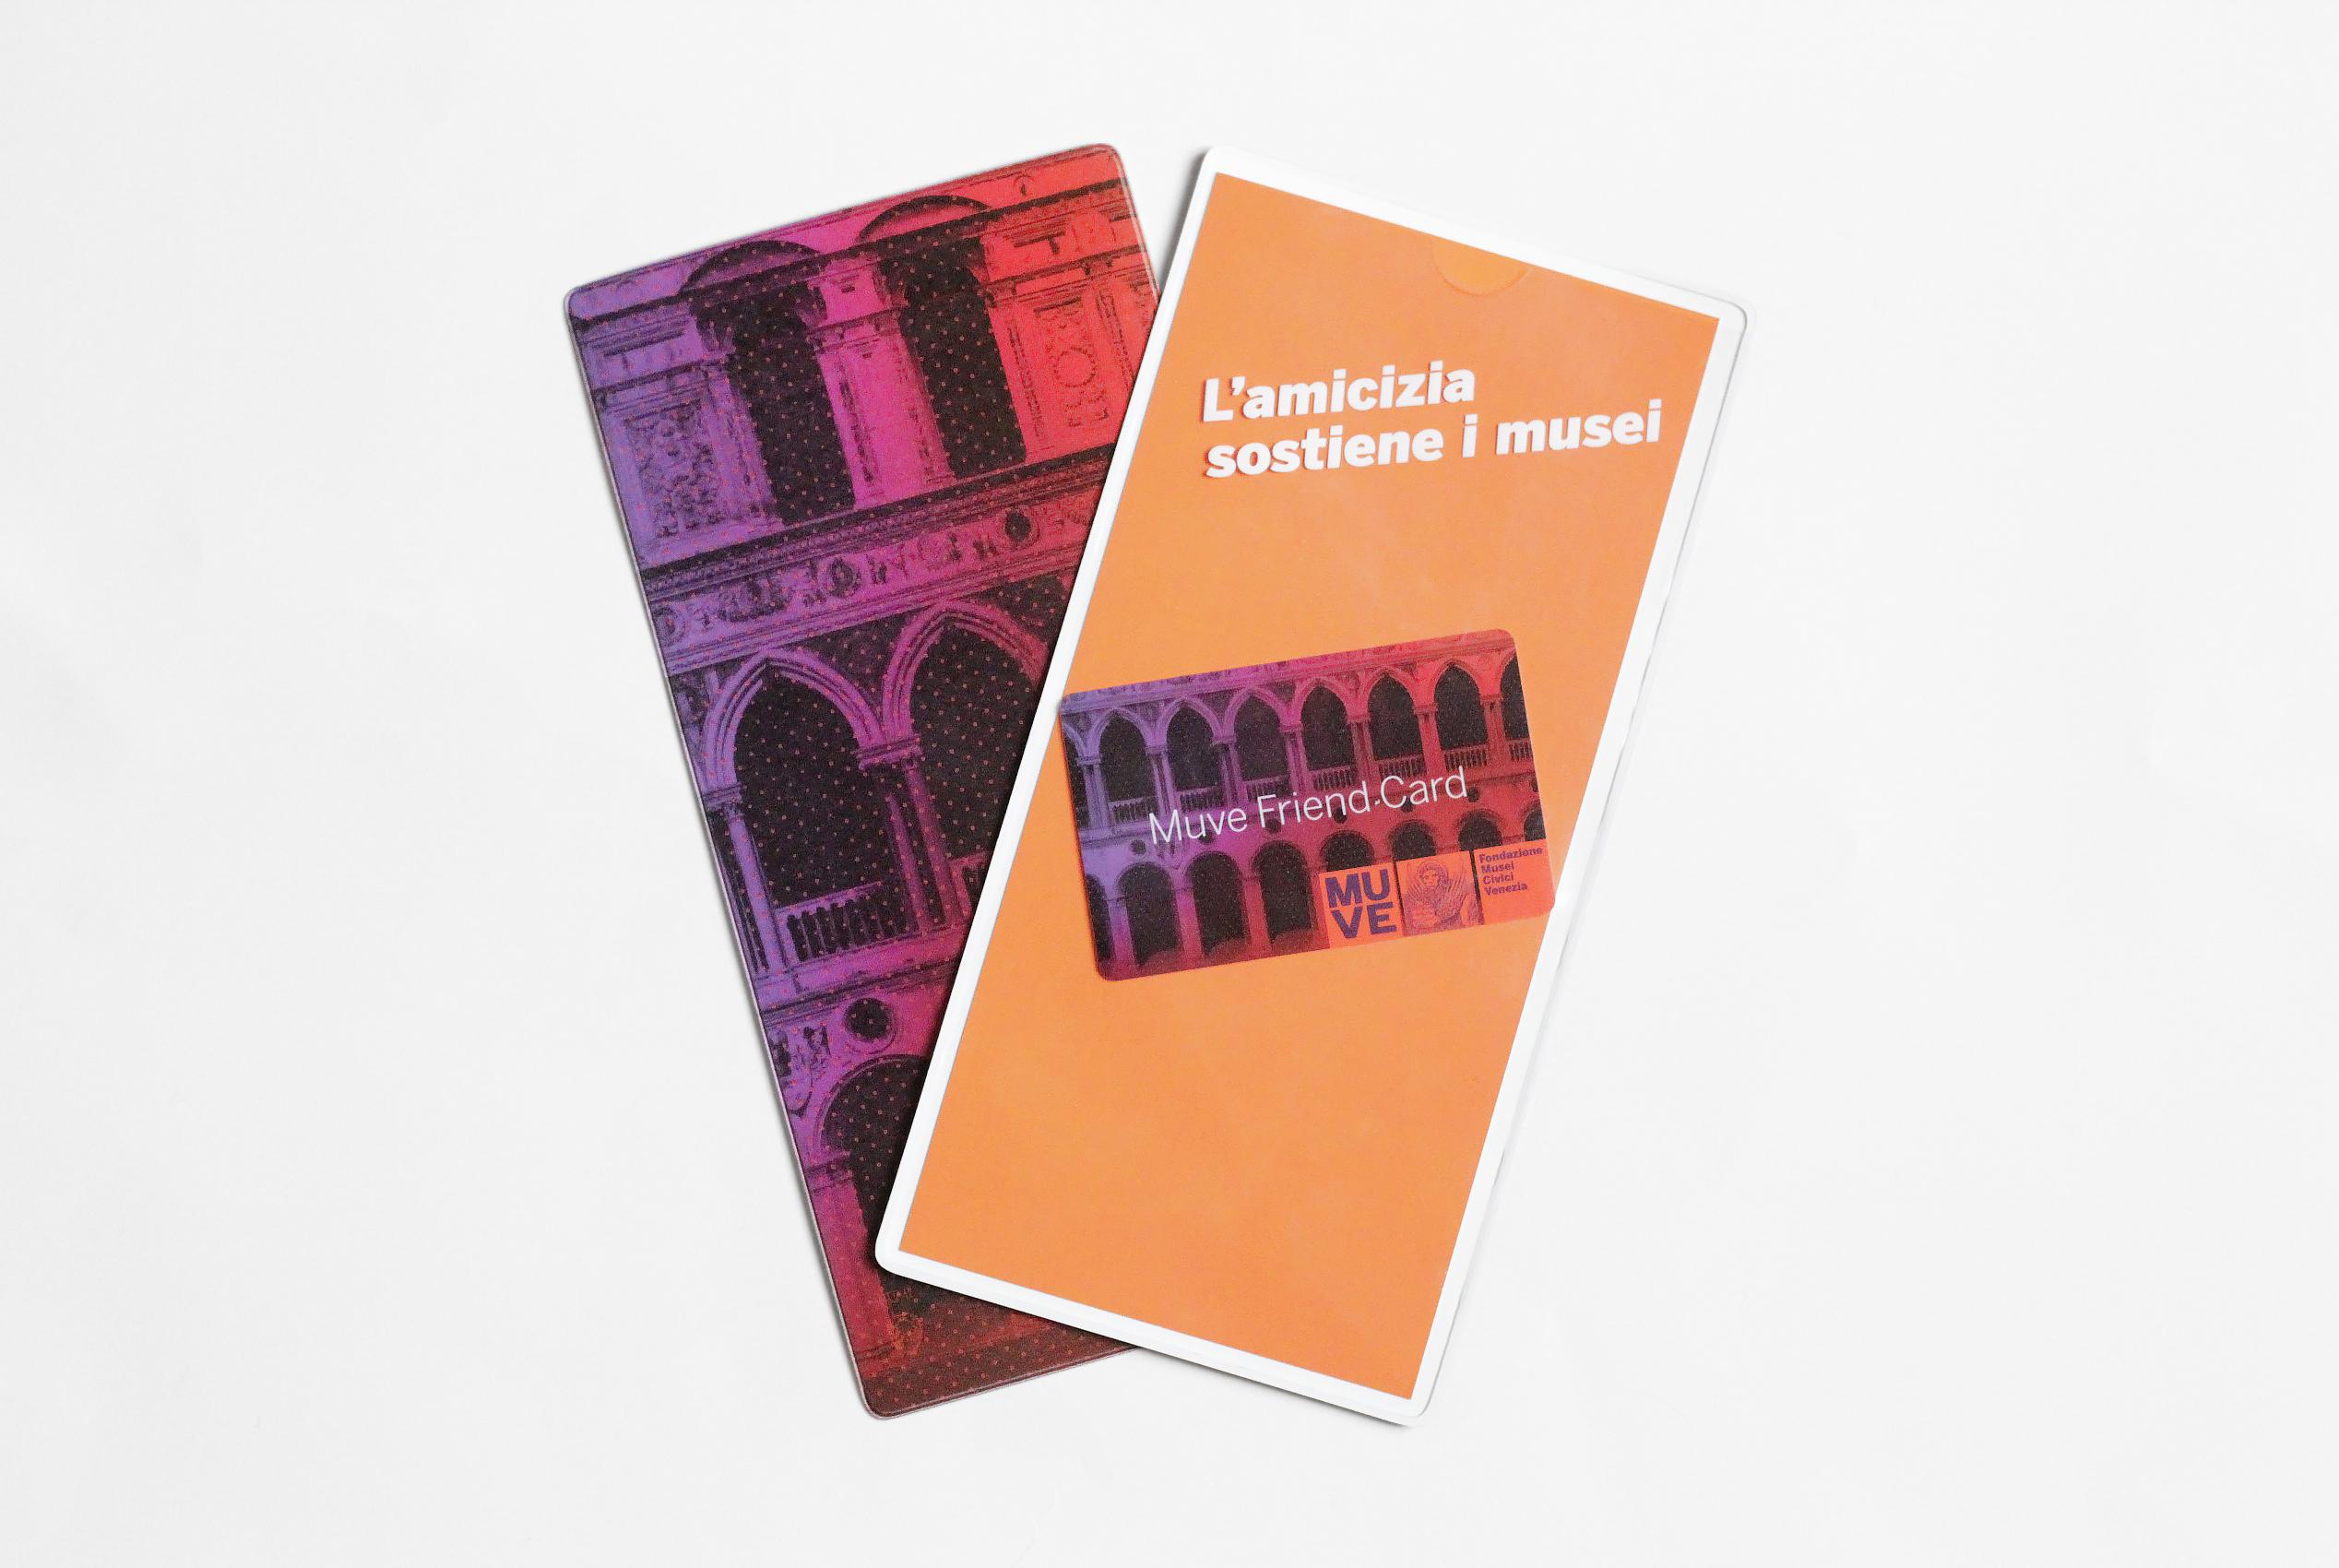 MUVE Friend Card | Fondazione Musei Civici di Venezia | MUVE